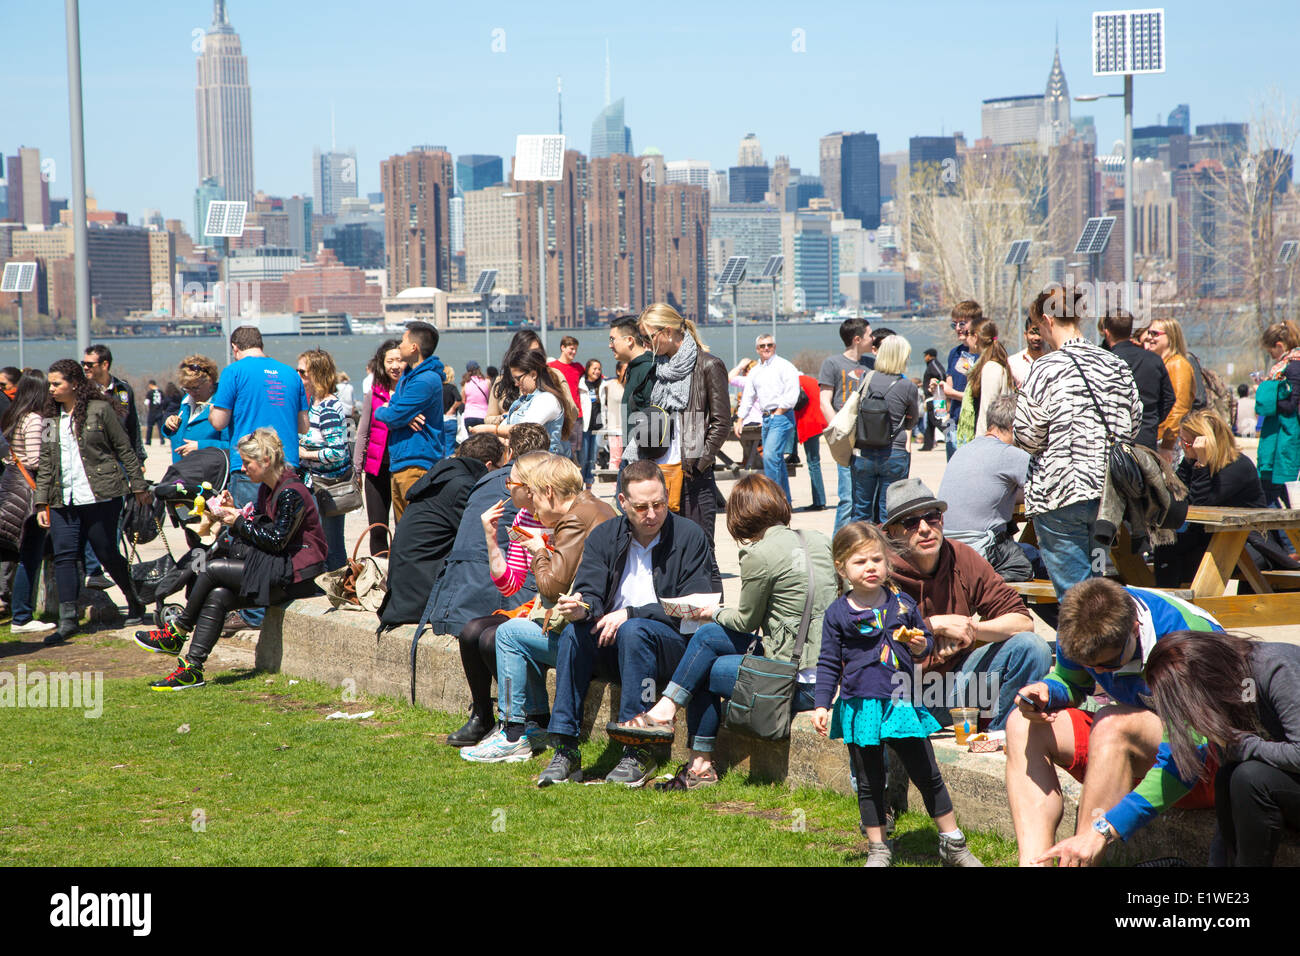 Smorgasburg Brooklyn Flea Food Market NYC - Stock Image